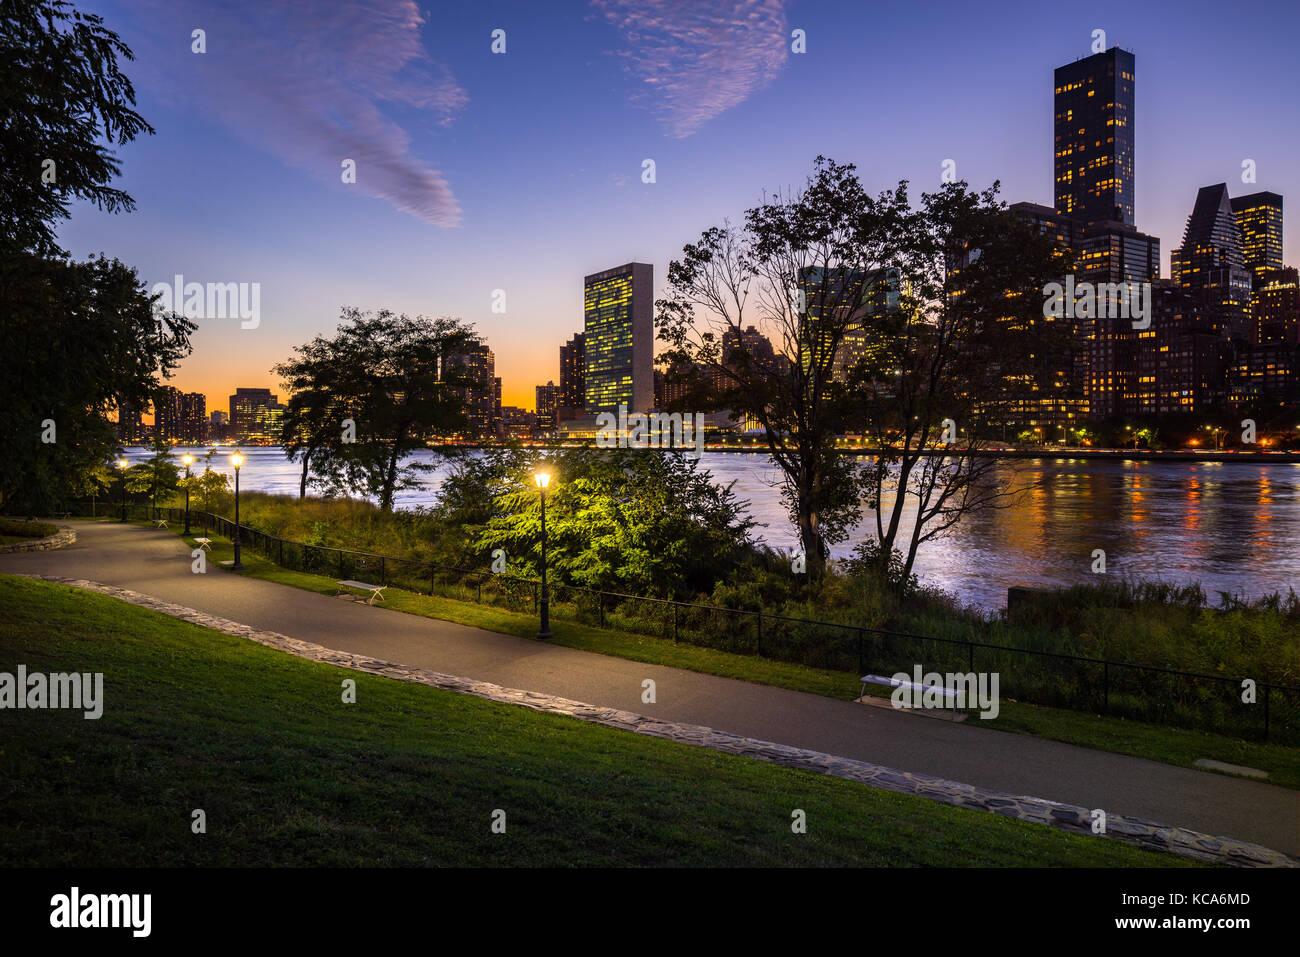 Sommer Abend Blick auf Manhattan Midtown East von Roosevelt Island mit dem East River. New York City Stockfoto